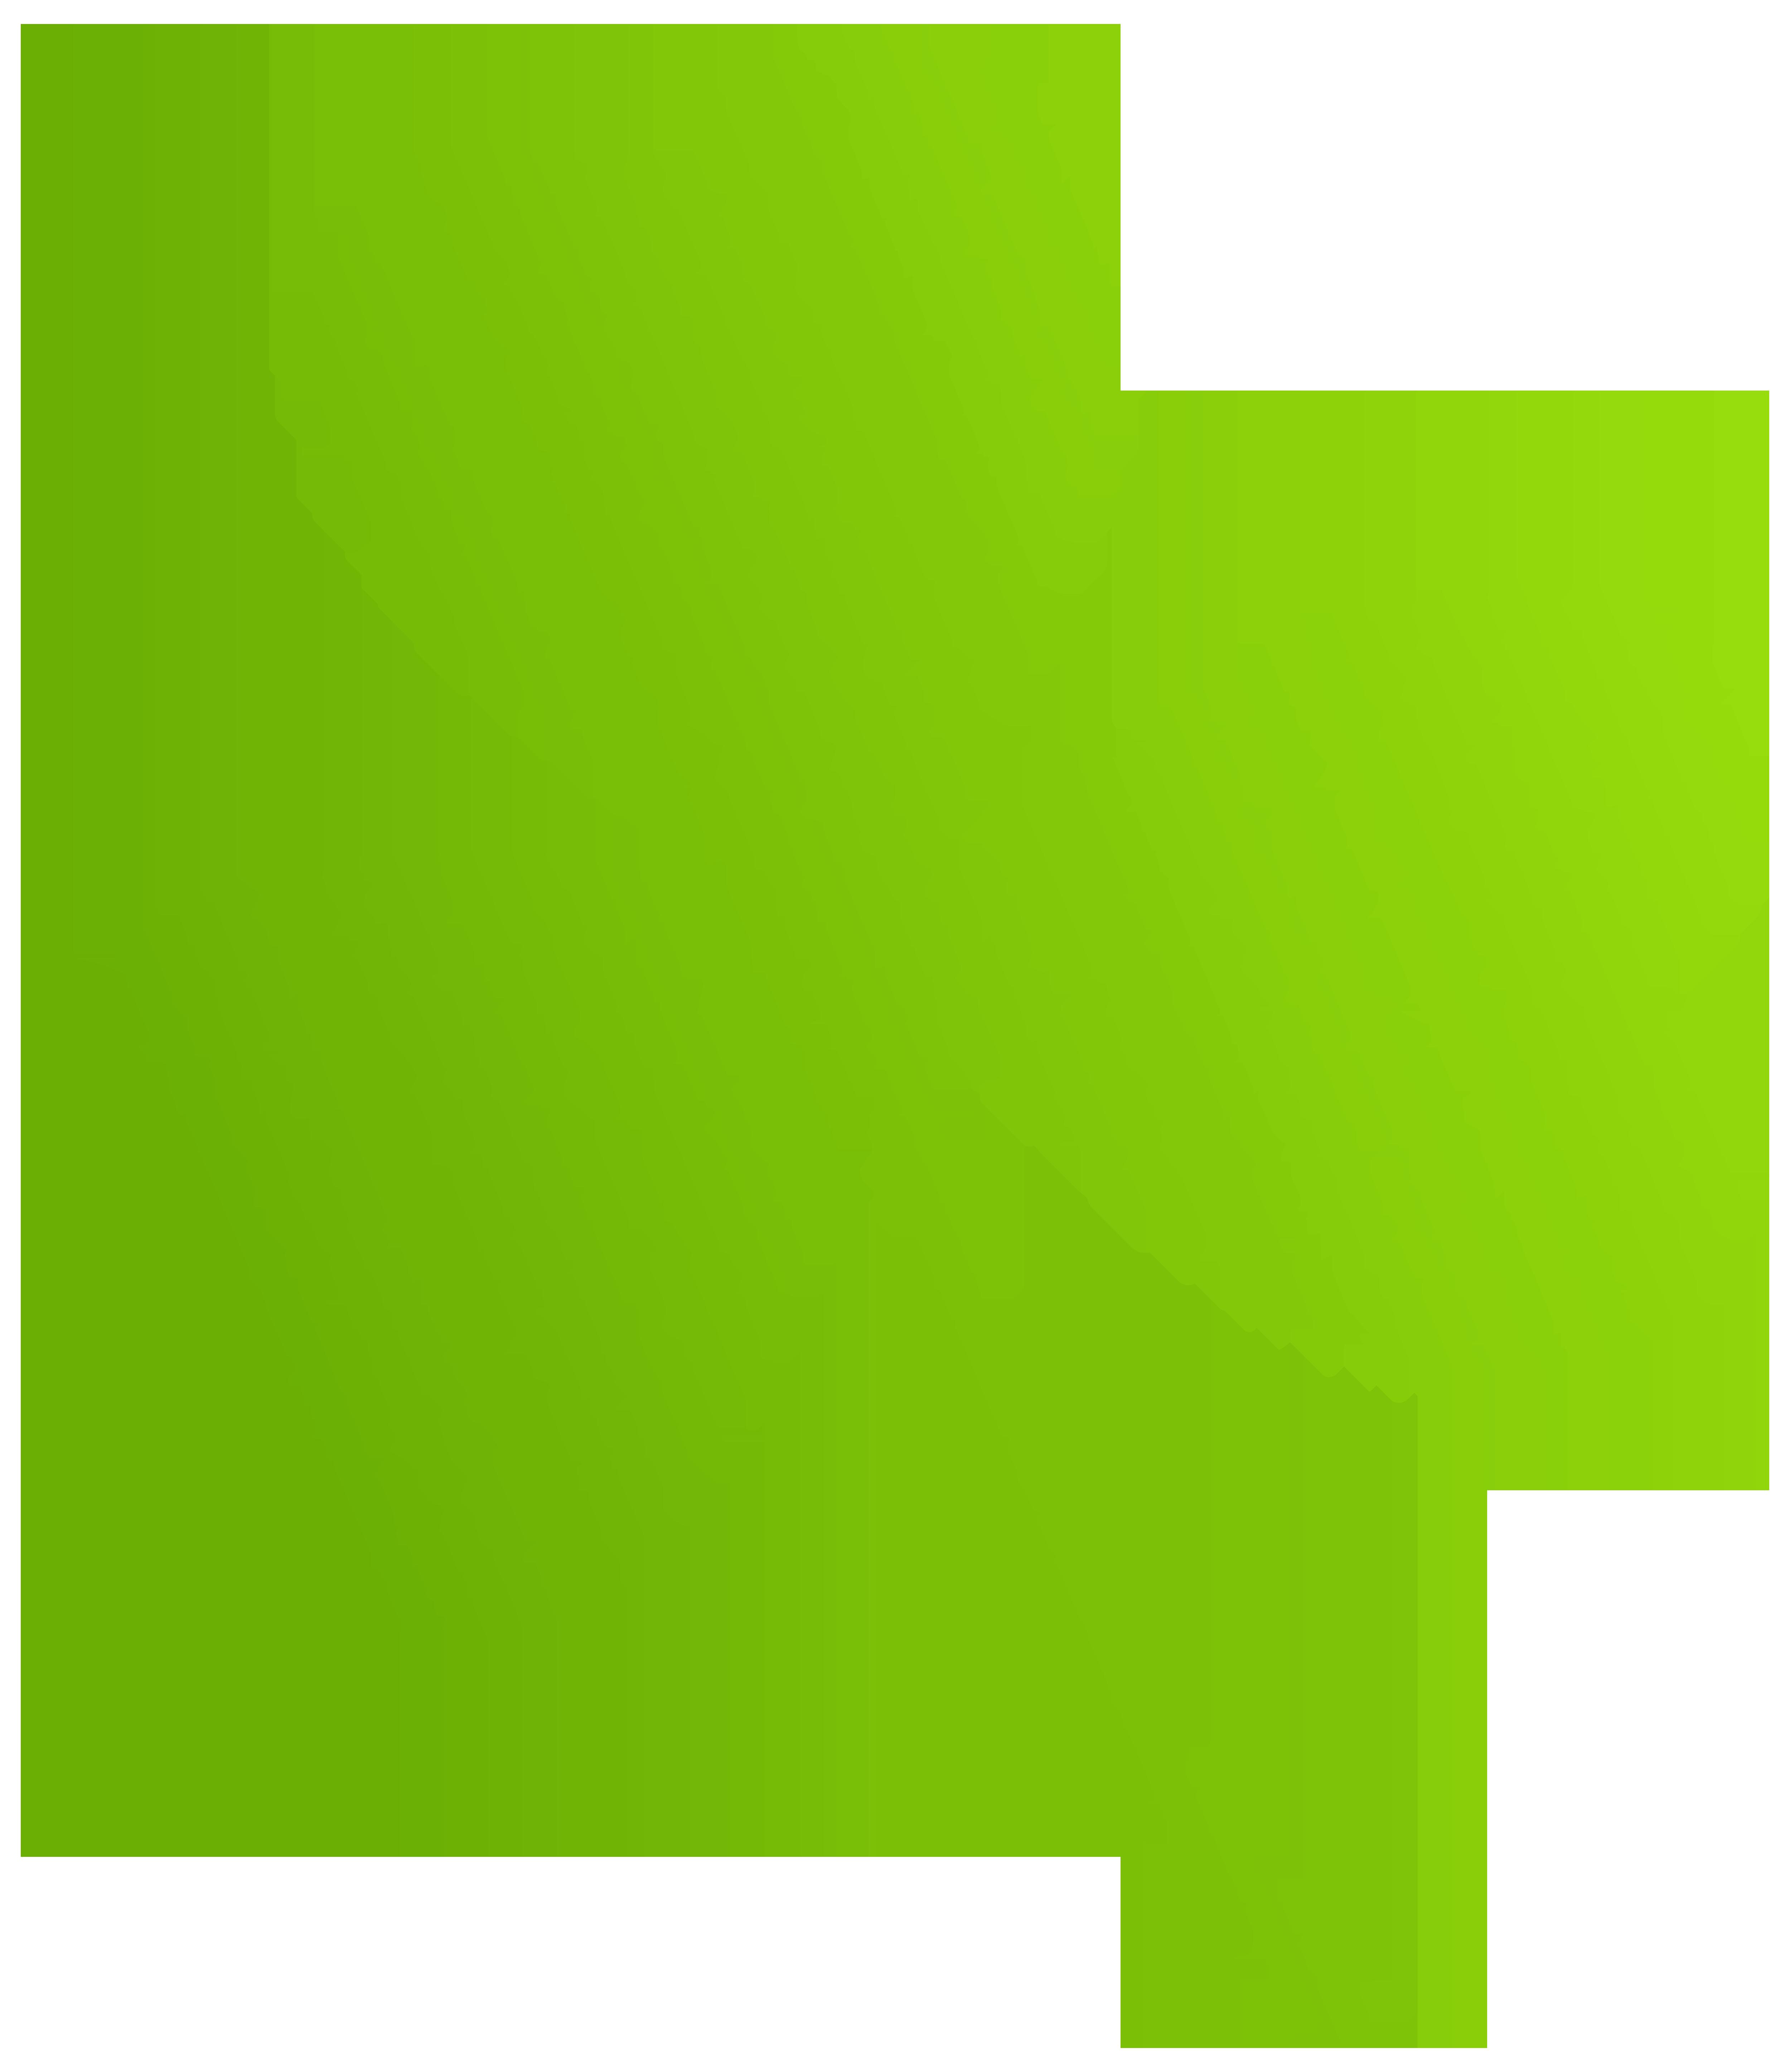 St Patricks Day Shamrock Transparent PNG Clip Art Image.